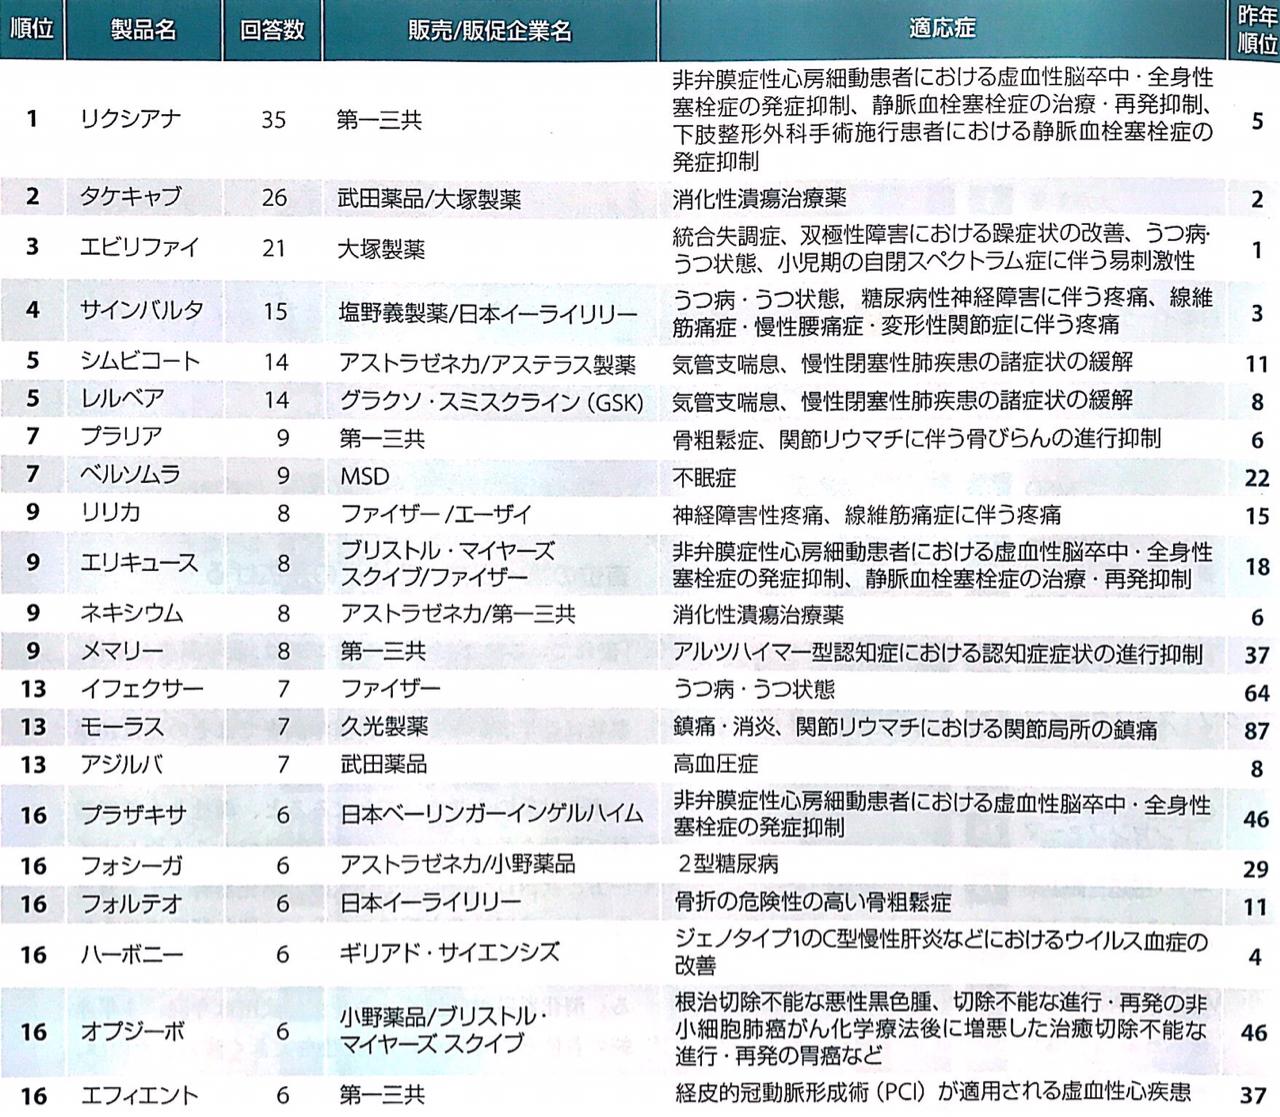 【2018年保存版】製薬企業ランキング